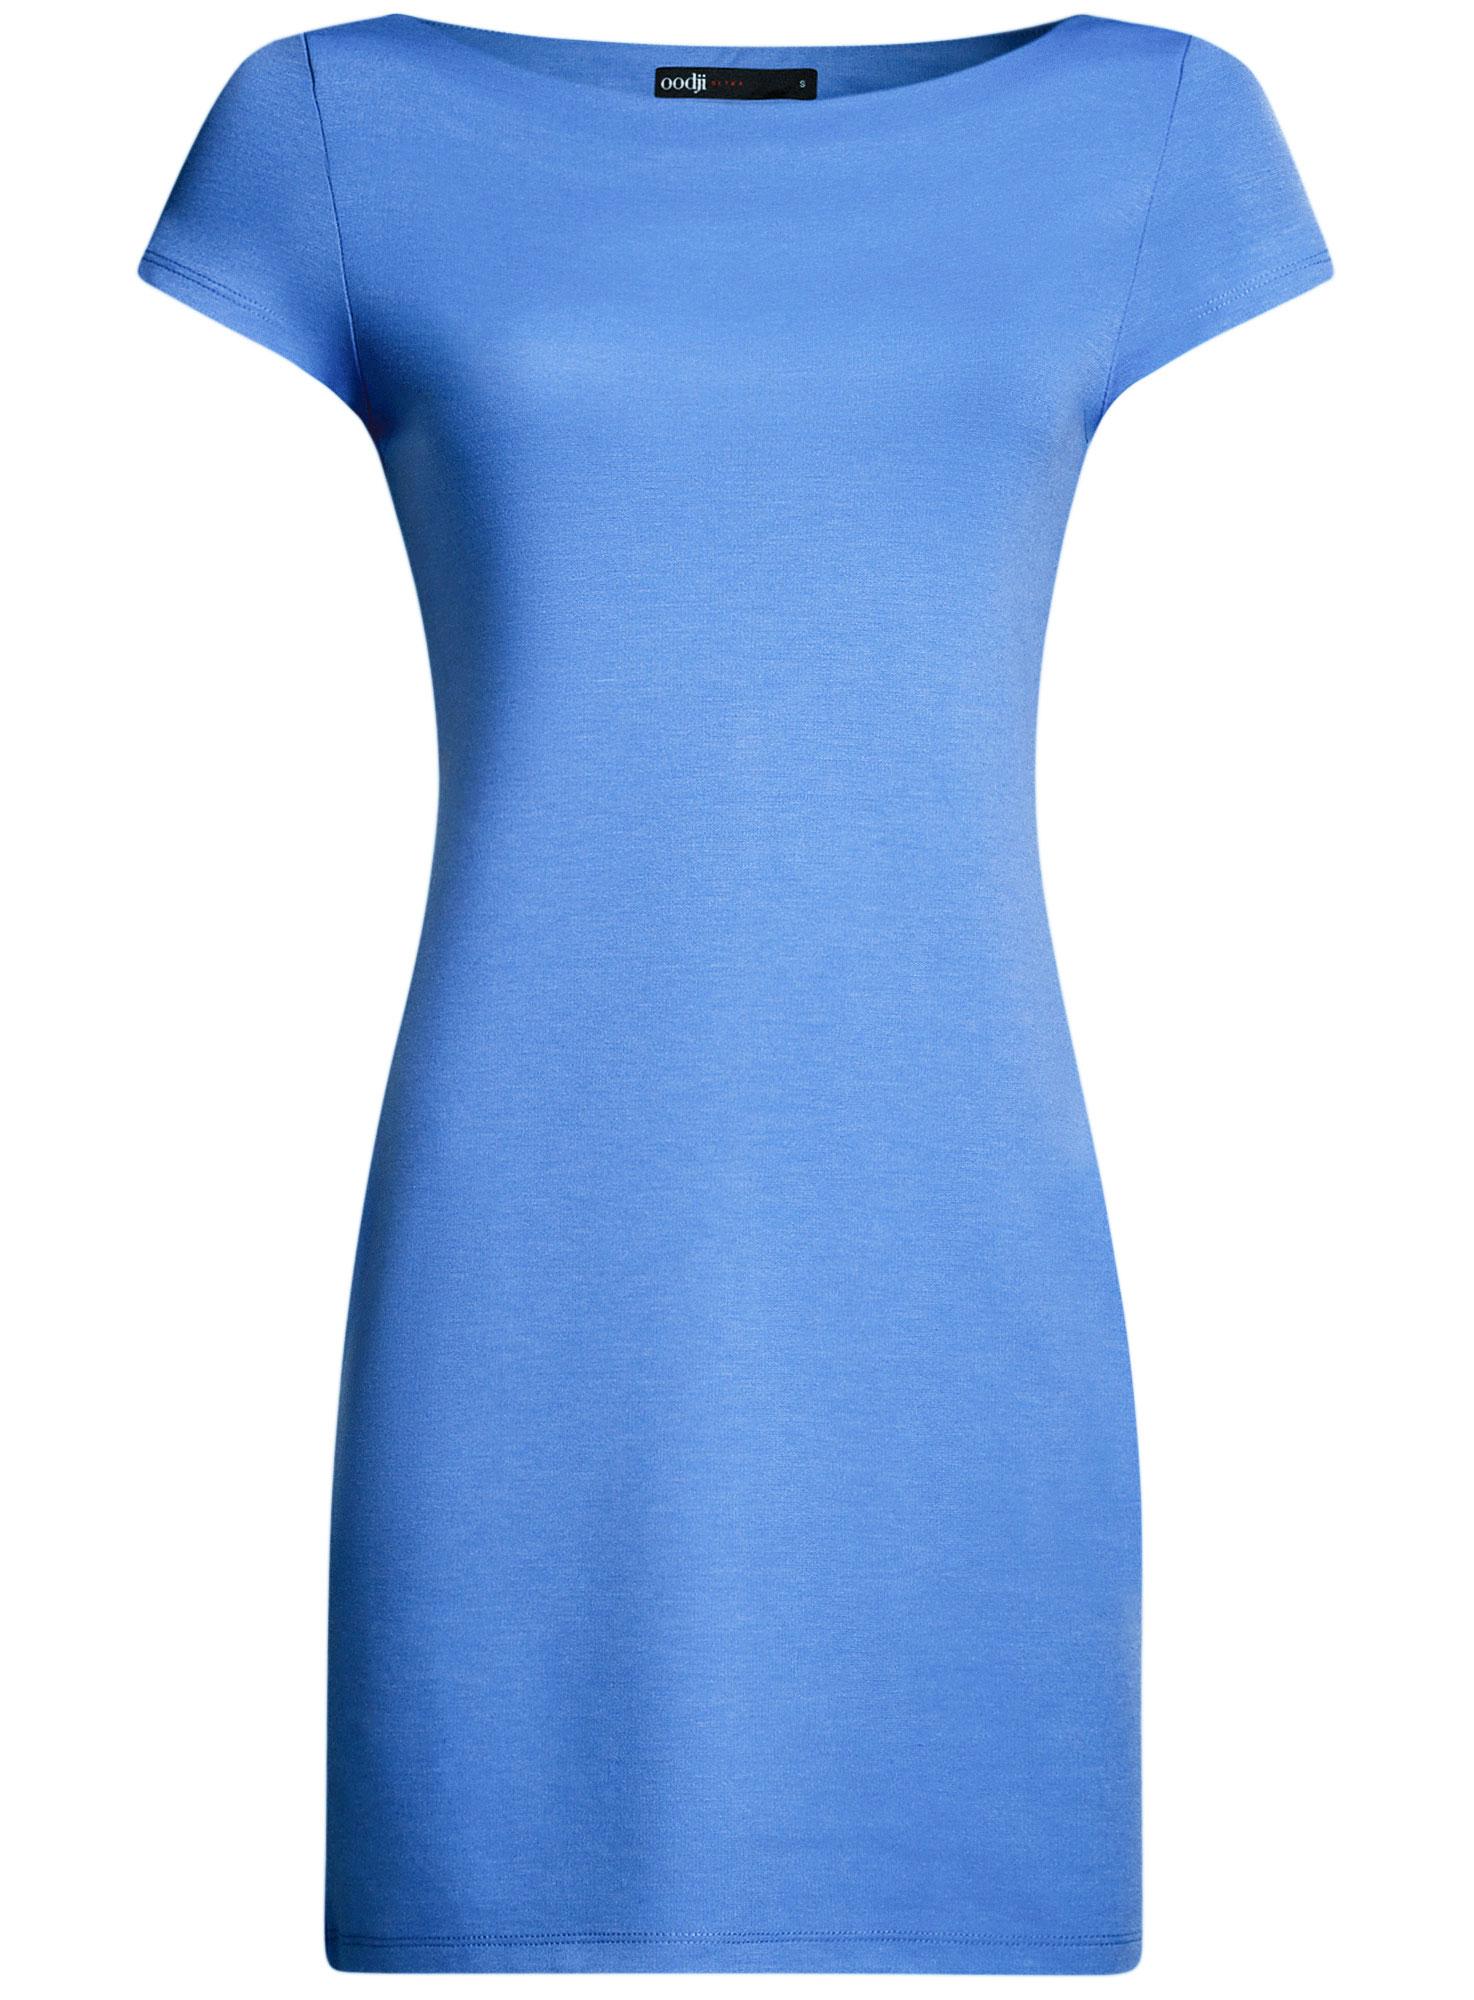 Платье oodji Ultra, цвет: синий. 14001117-2B/16564/7500N. Размер M (46)14001117-2B/16564/7500NТрикотажное платье oodji Ultra выполнено из качественного комбинированного материала. Модель по фигуре с вырезом-лодочкой и короткими рукавами.